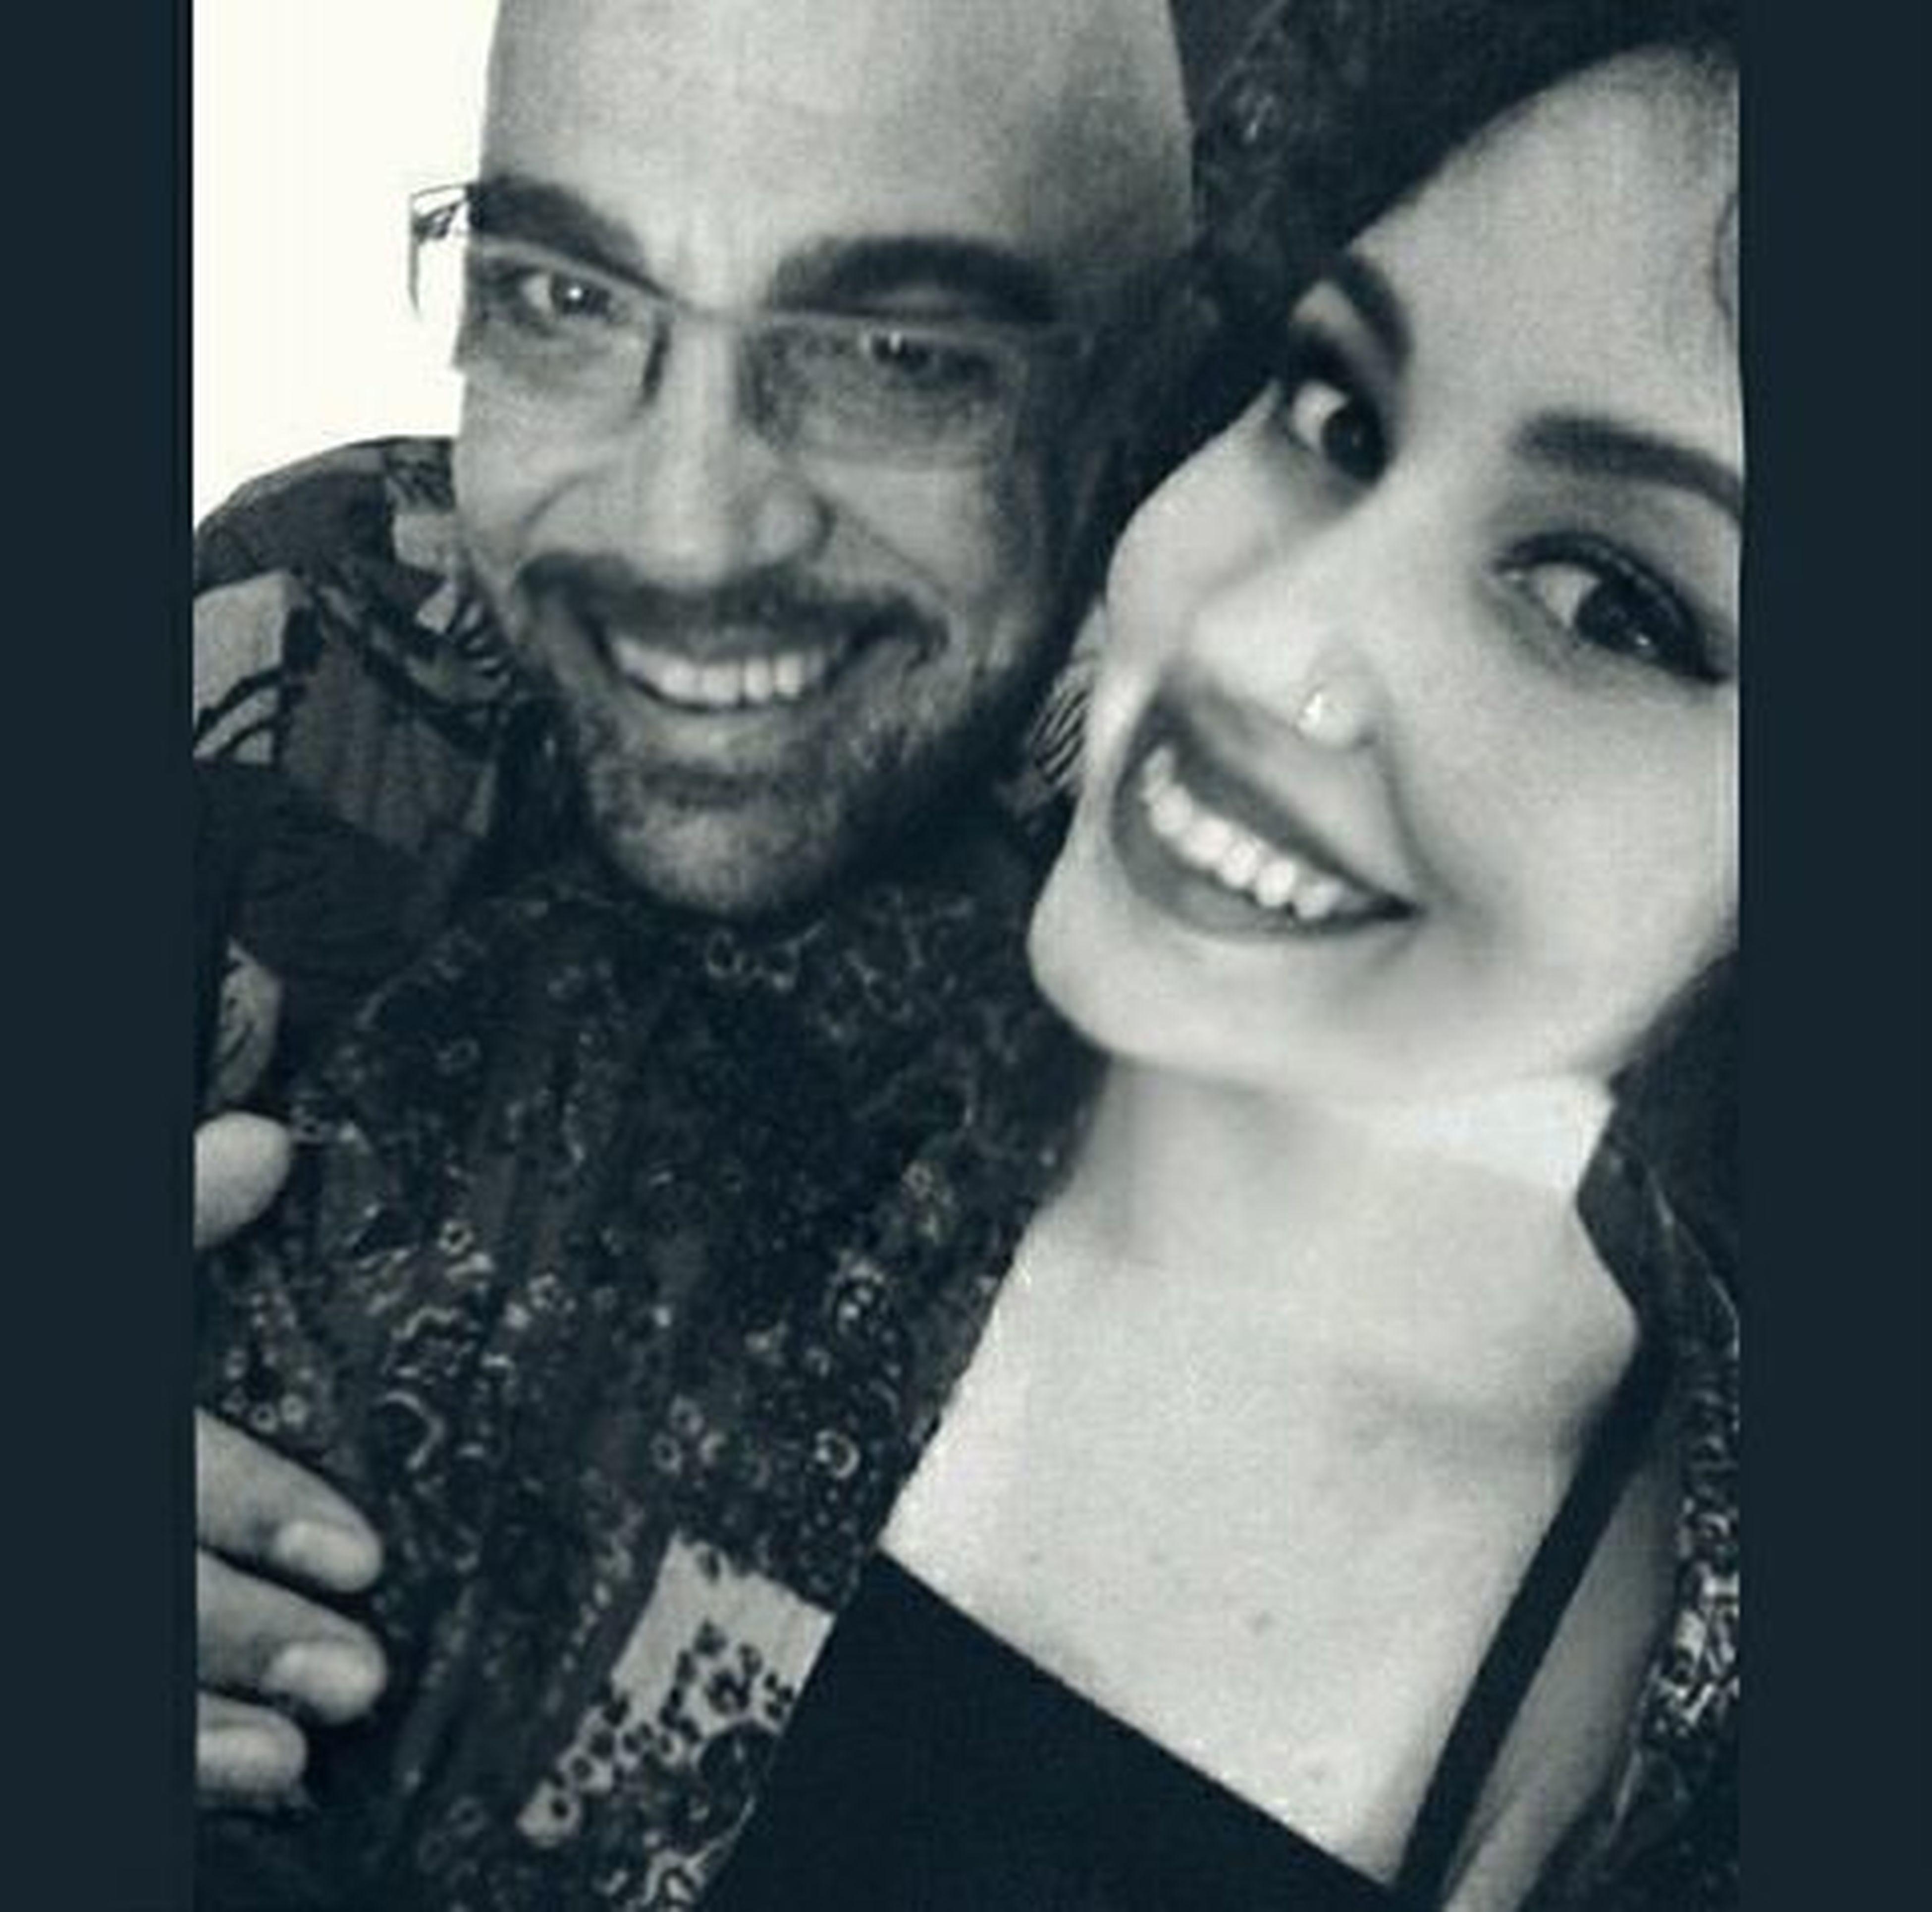 *Συζήτηση στα καμαρίνια όσο ξεβάφεται: -Πώς λες να μας λέγανε αν ήμασταν ένας άνθρωπος; -Σταυριγιαννάκη Ζουγανεγιάννη. -Και αν... -Ελεωνίνα Ζουγανεγιάννη. αθηνούλα θέατροπάνθεον βίκτωρβικτώρια γιαννάκης Likefather Mytalentedlove Valuablepeopleinmylife Family Selfie Smiles Happiness Happyfaces SaturdayNights Havingfun Loveiseverywhere Loveisintheair Loveisoverrated